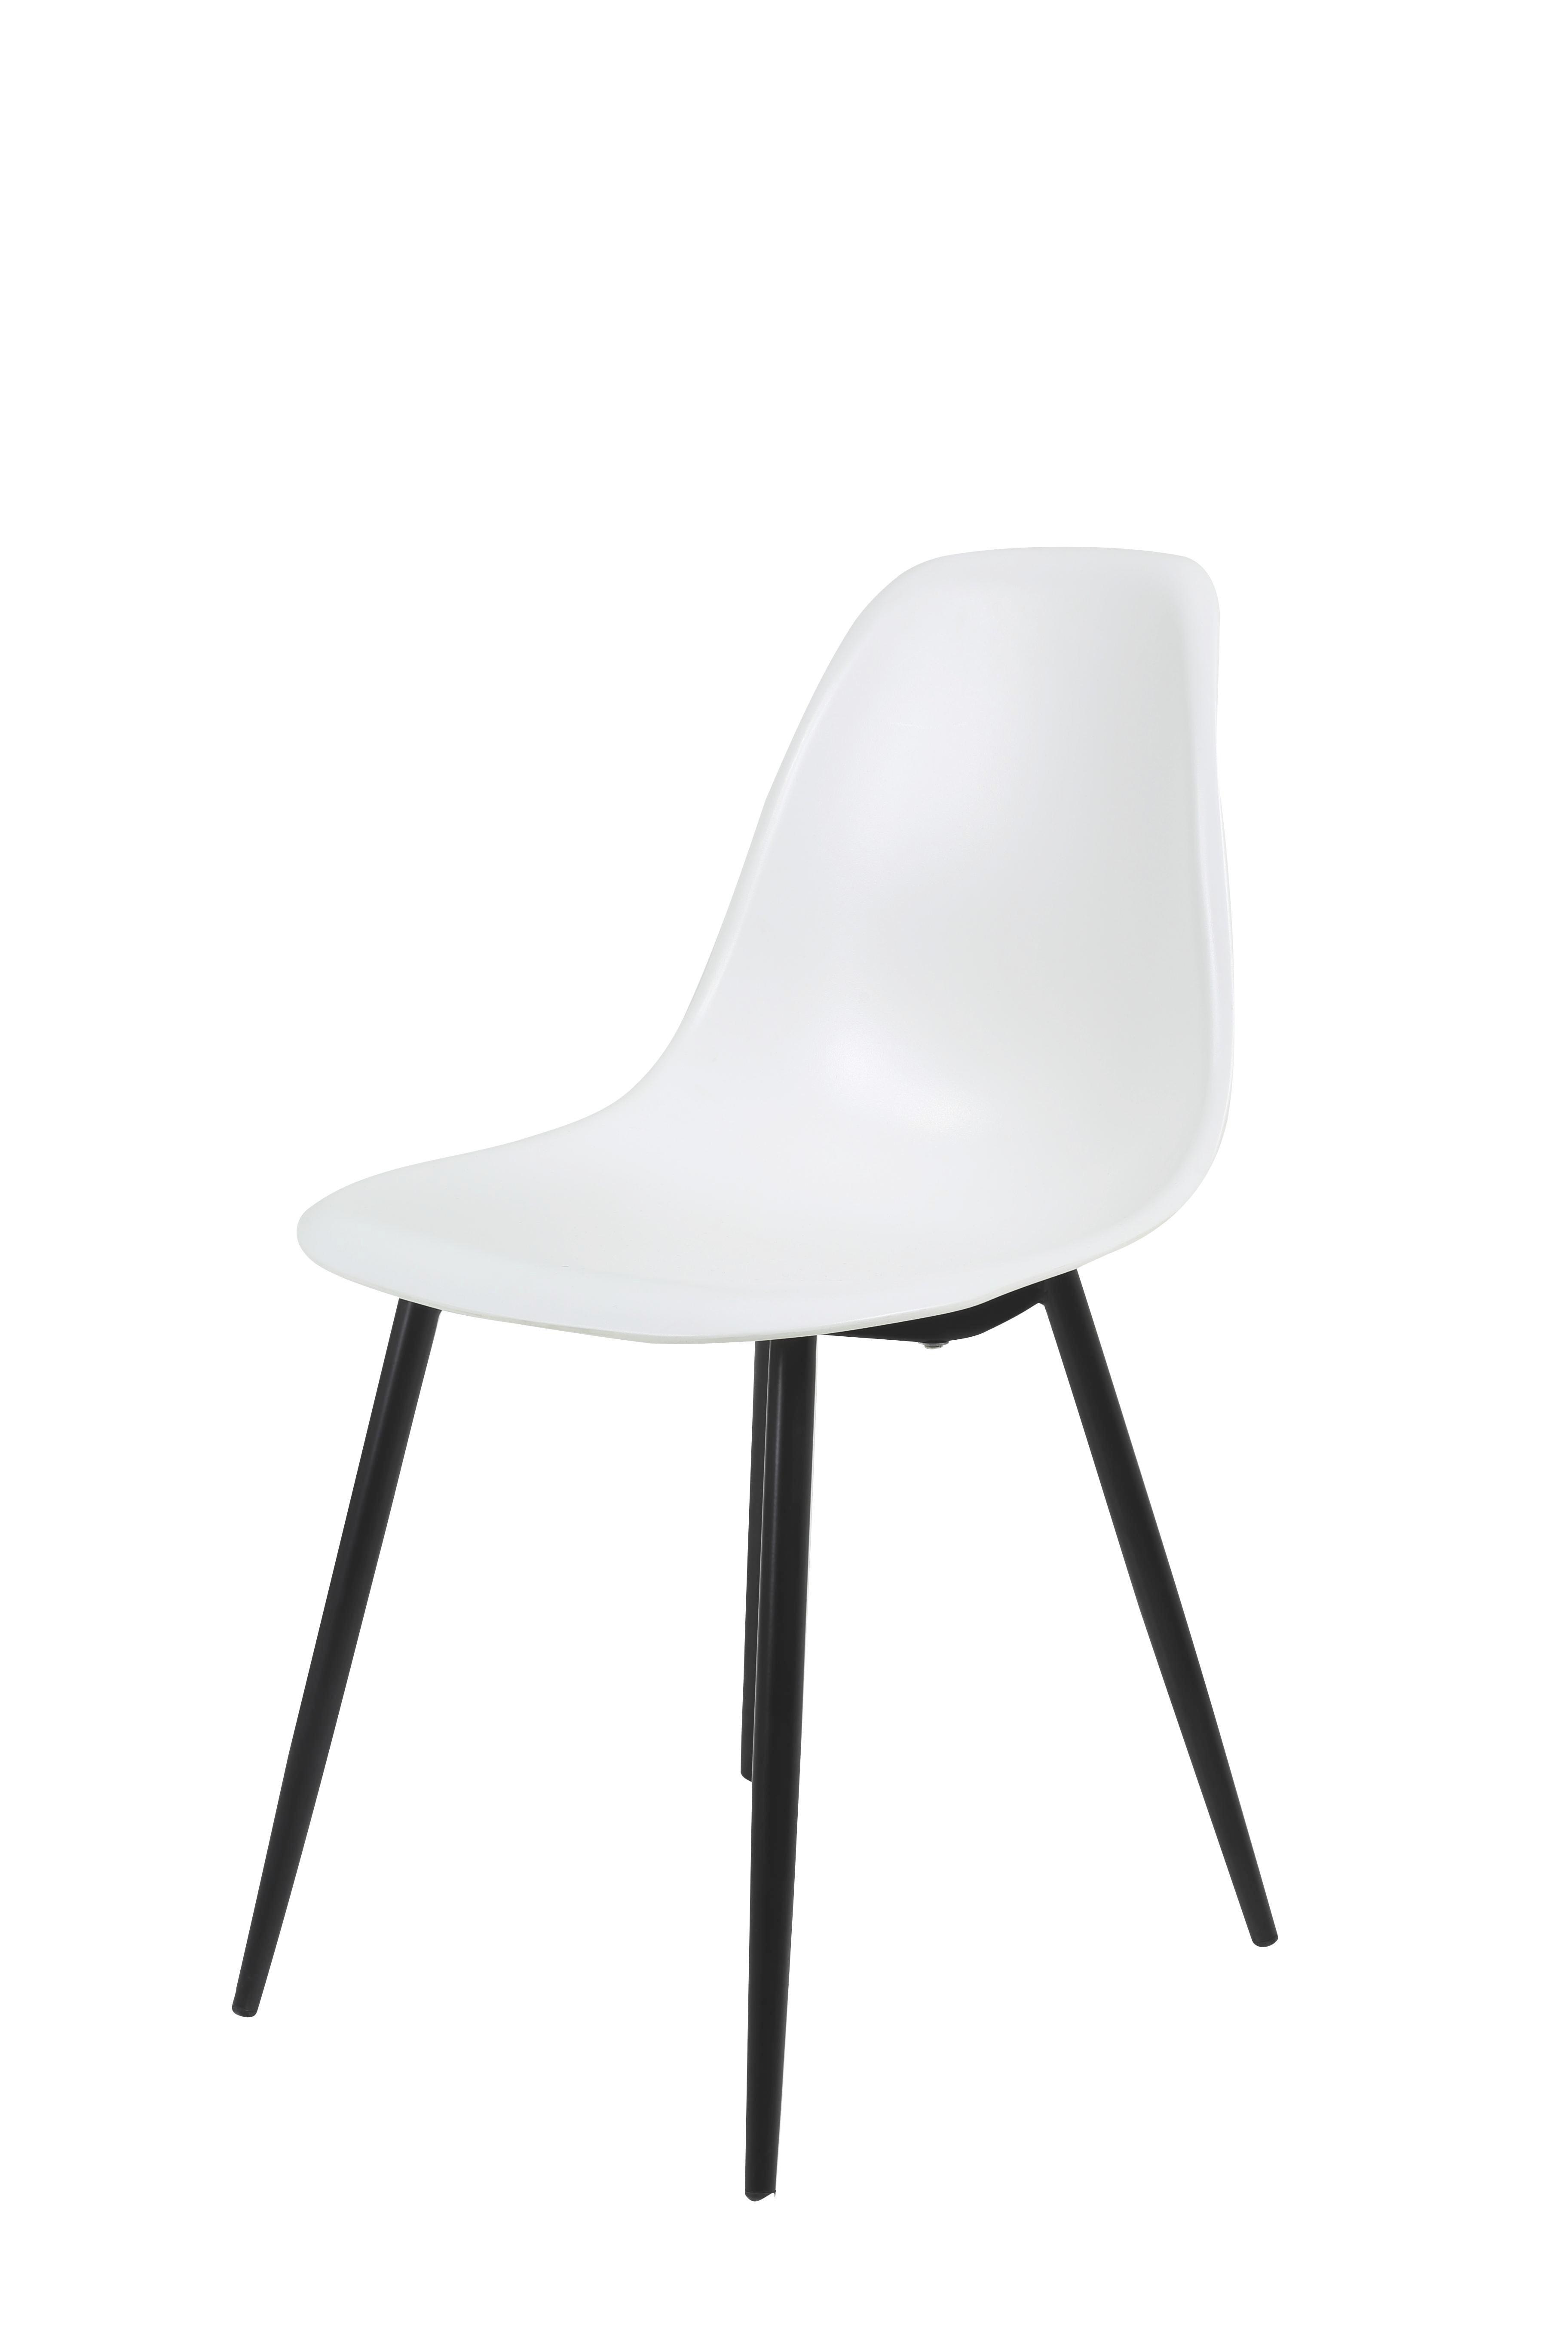 Židle Funny S - bílá/antracitová, kov/umělá hmota (47/82/51cm)